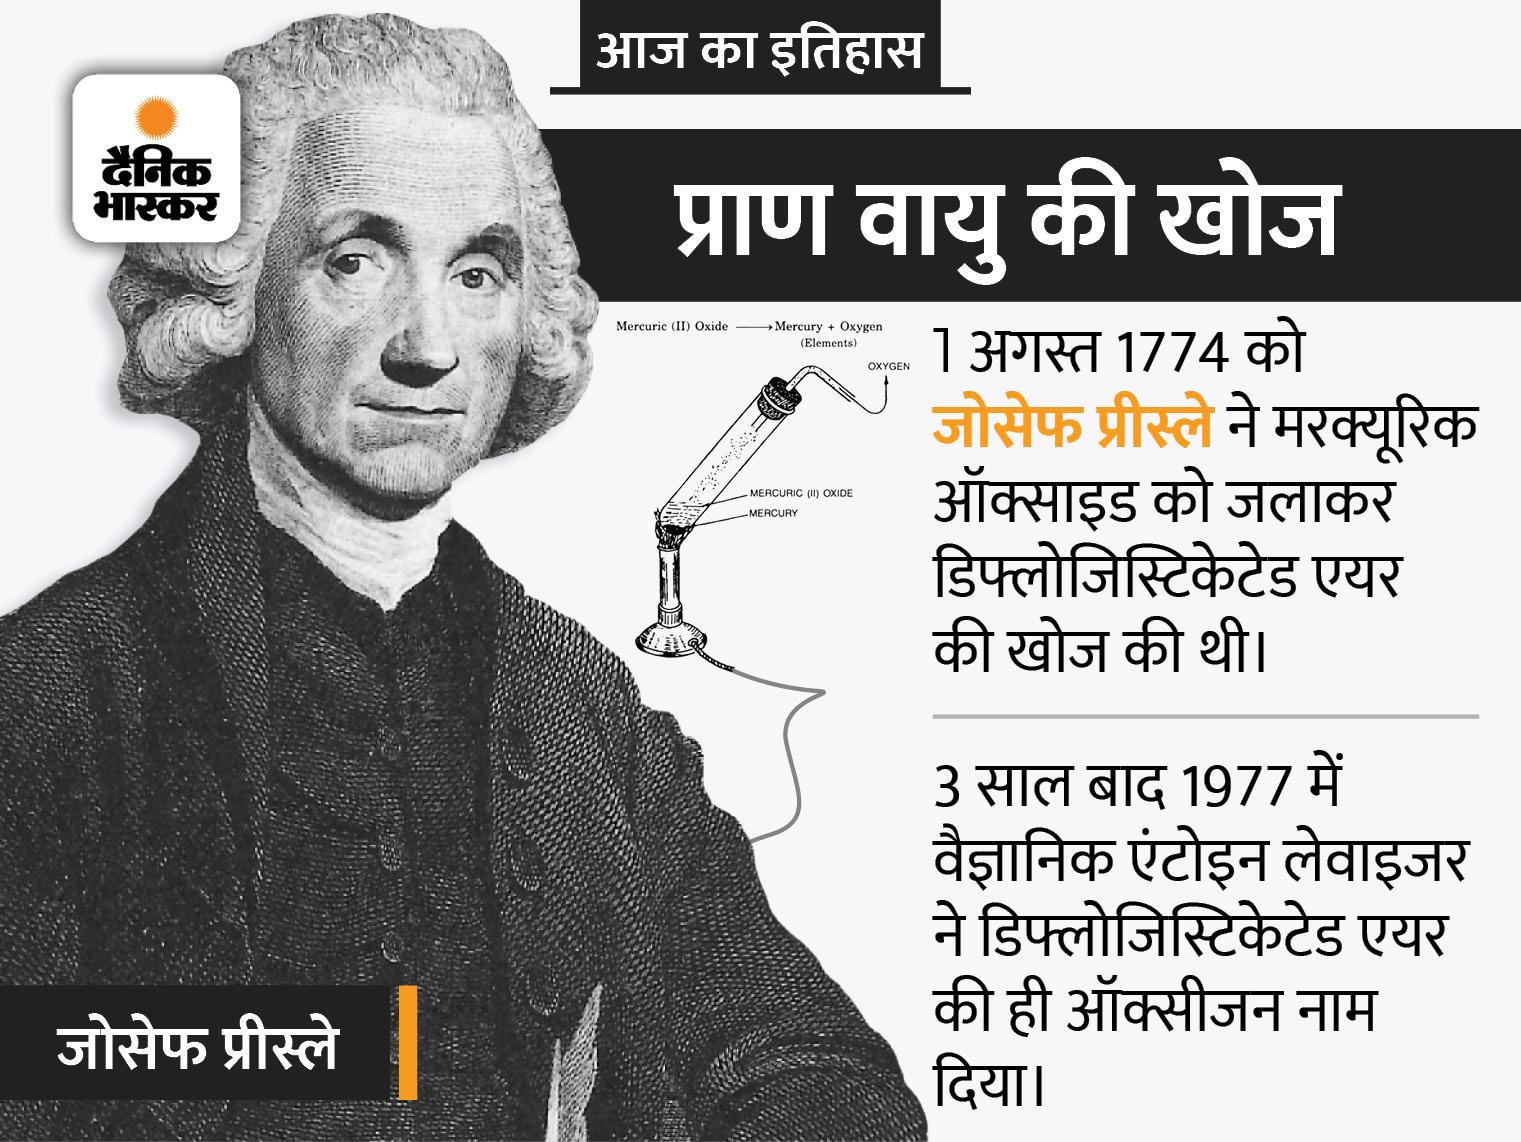 247 साल पहले ऑक्सीजन की खोज हुई, खोज करने वाले वैज्ञानिक ने इसका नाम डिफ्लोजिस्टिकेटेड एयर दिया था देश,National - Dainik Bhaskar